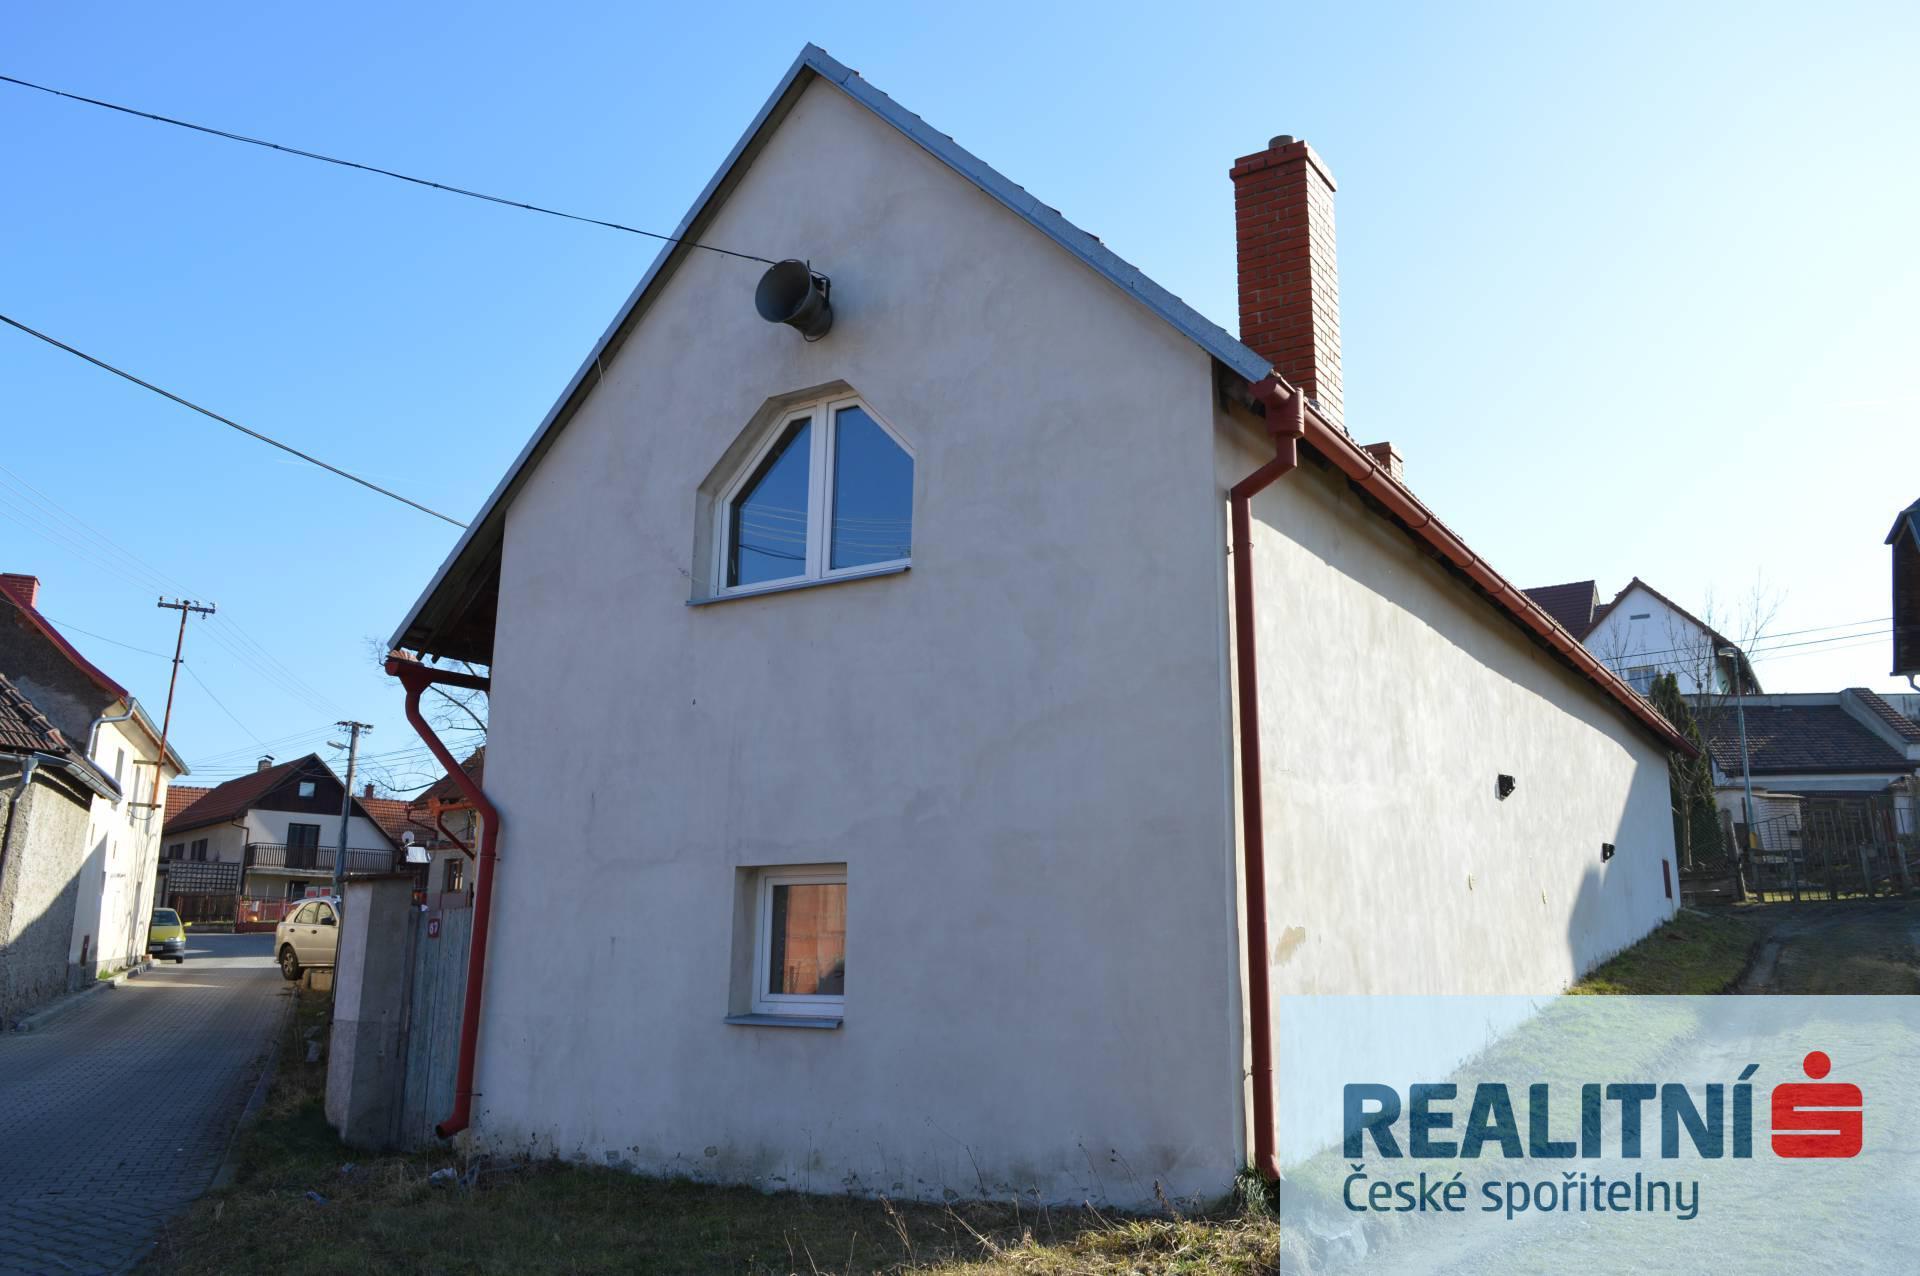 Prodej samostatného RD 179m2, obec Kostomlaty pod Řípem